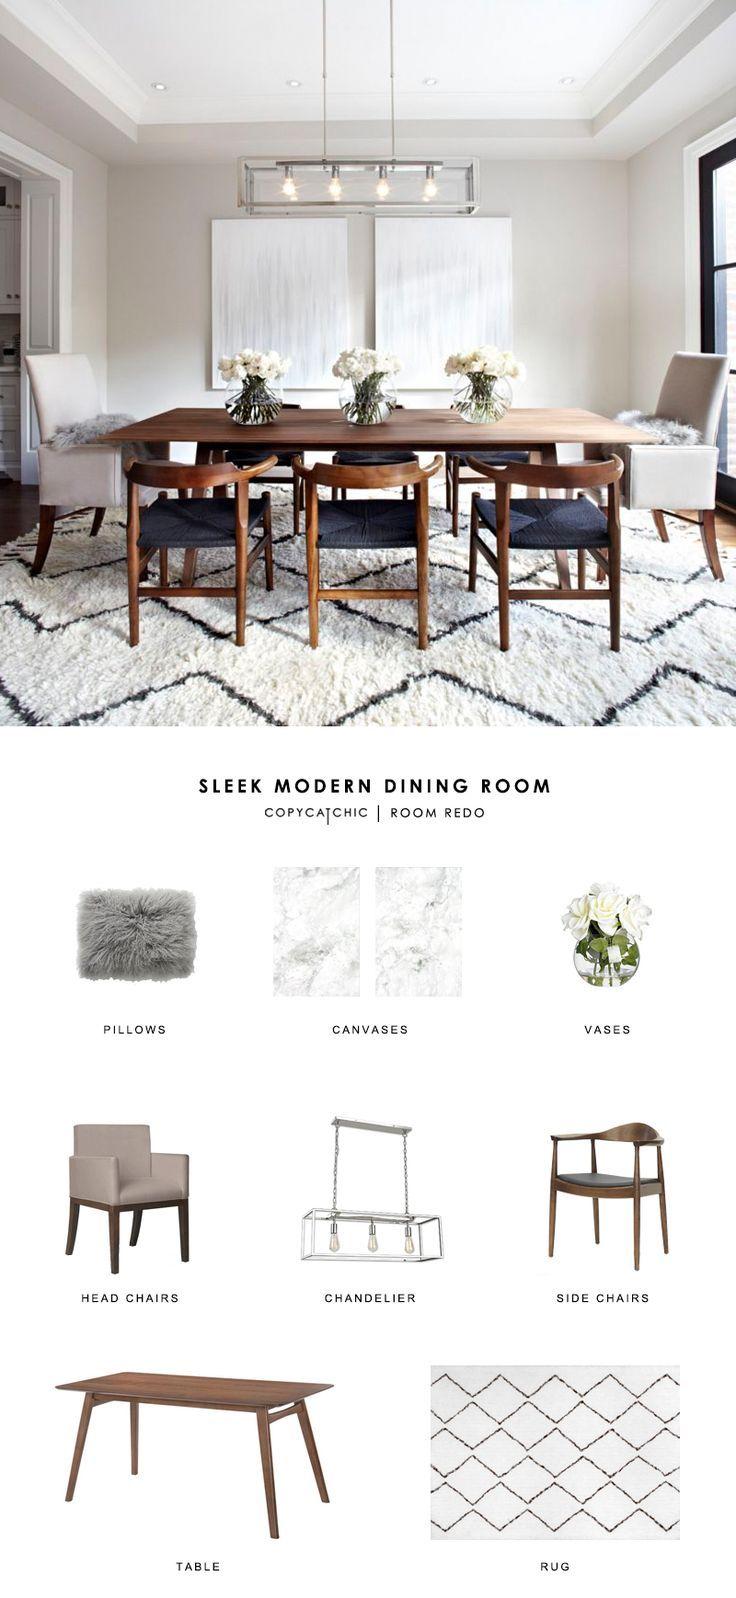 Room Redo Modern Farmhouse Living Room In 2019: Sleek Modern Dining Room